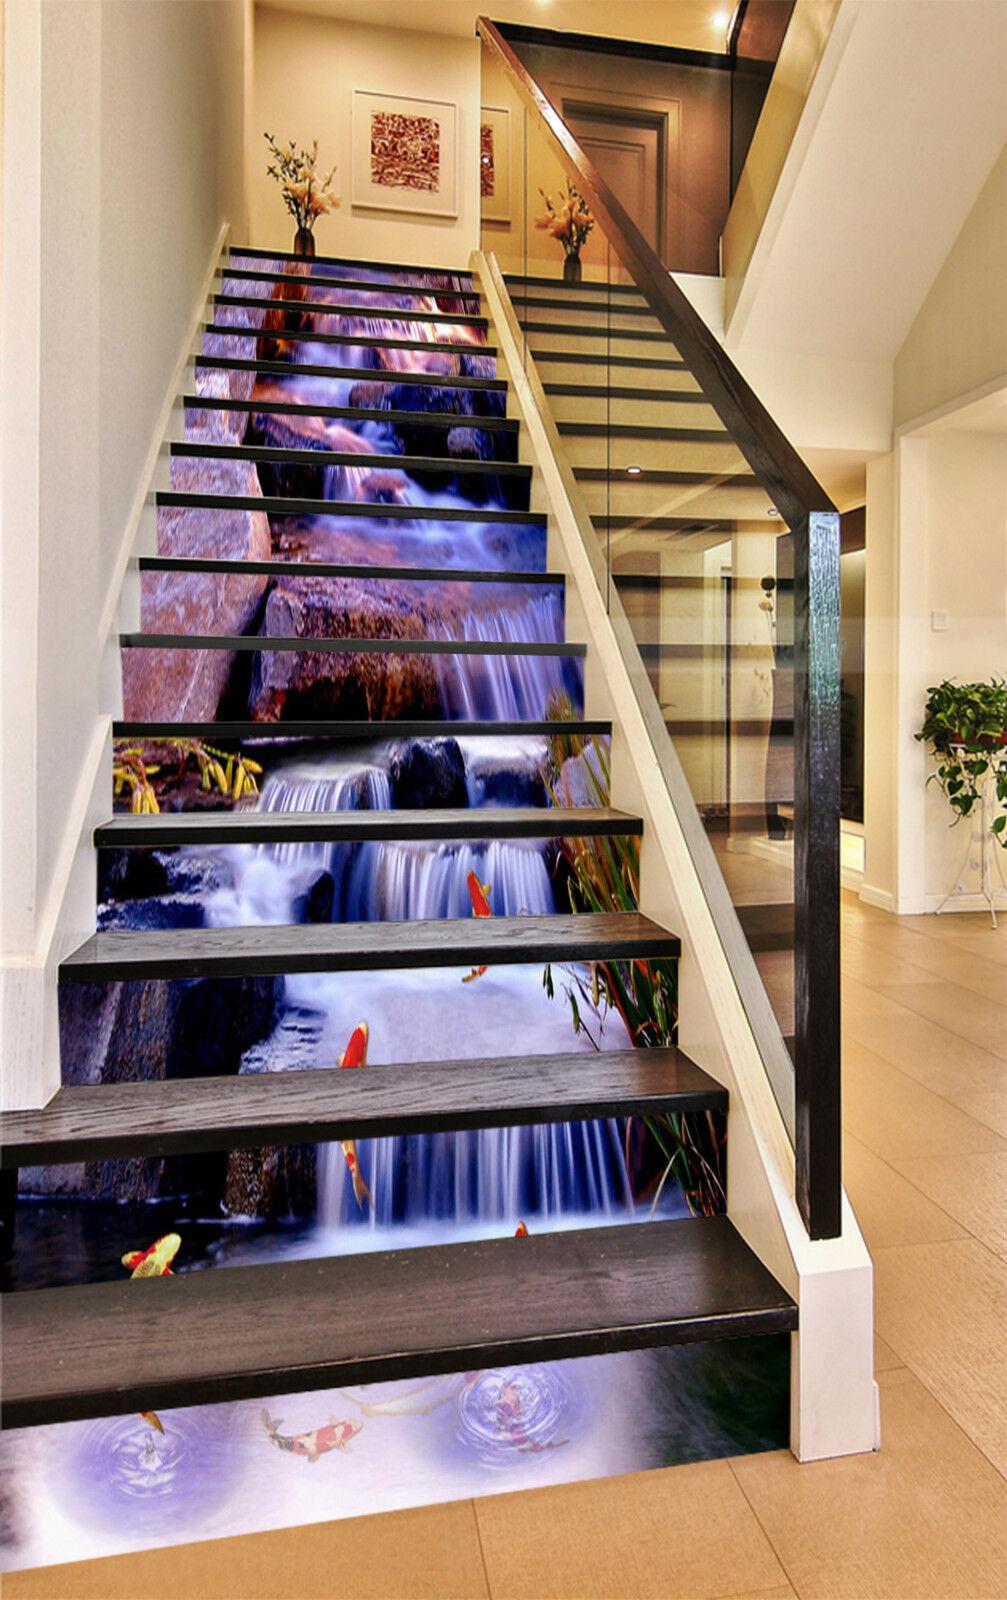 3d poisson rivière 2589 Stair Risers Décoration Papier Peint Vinyle Autocollant Papier Peint De